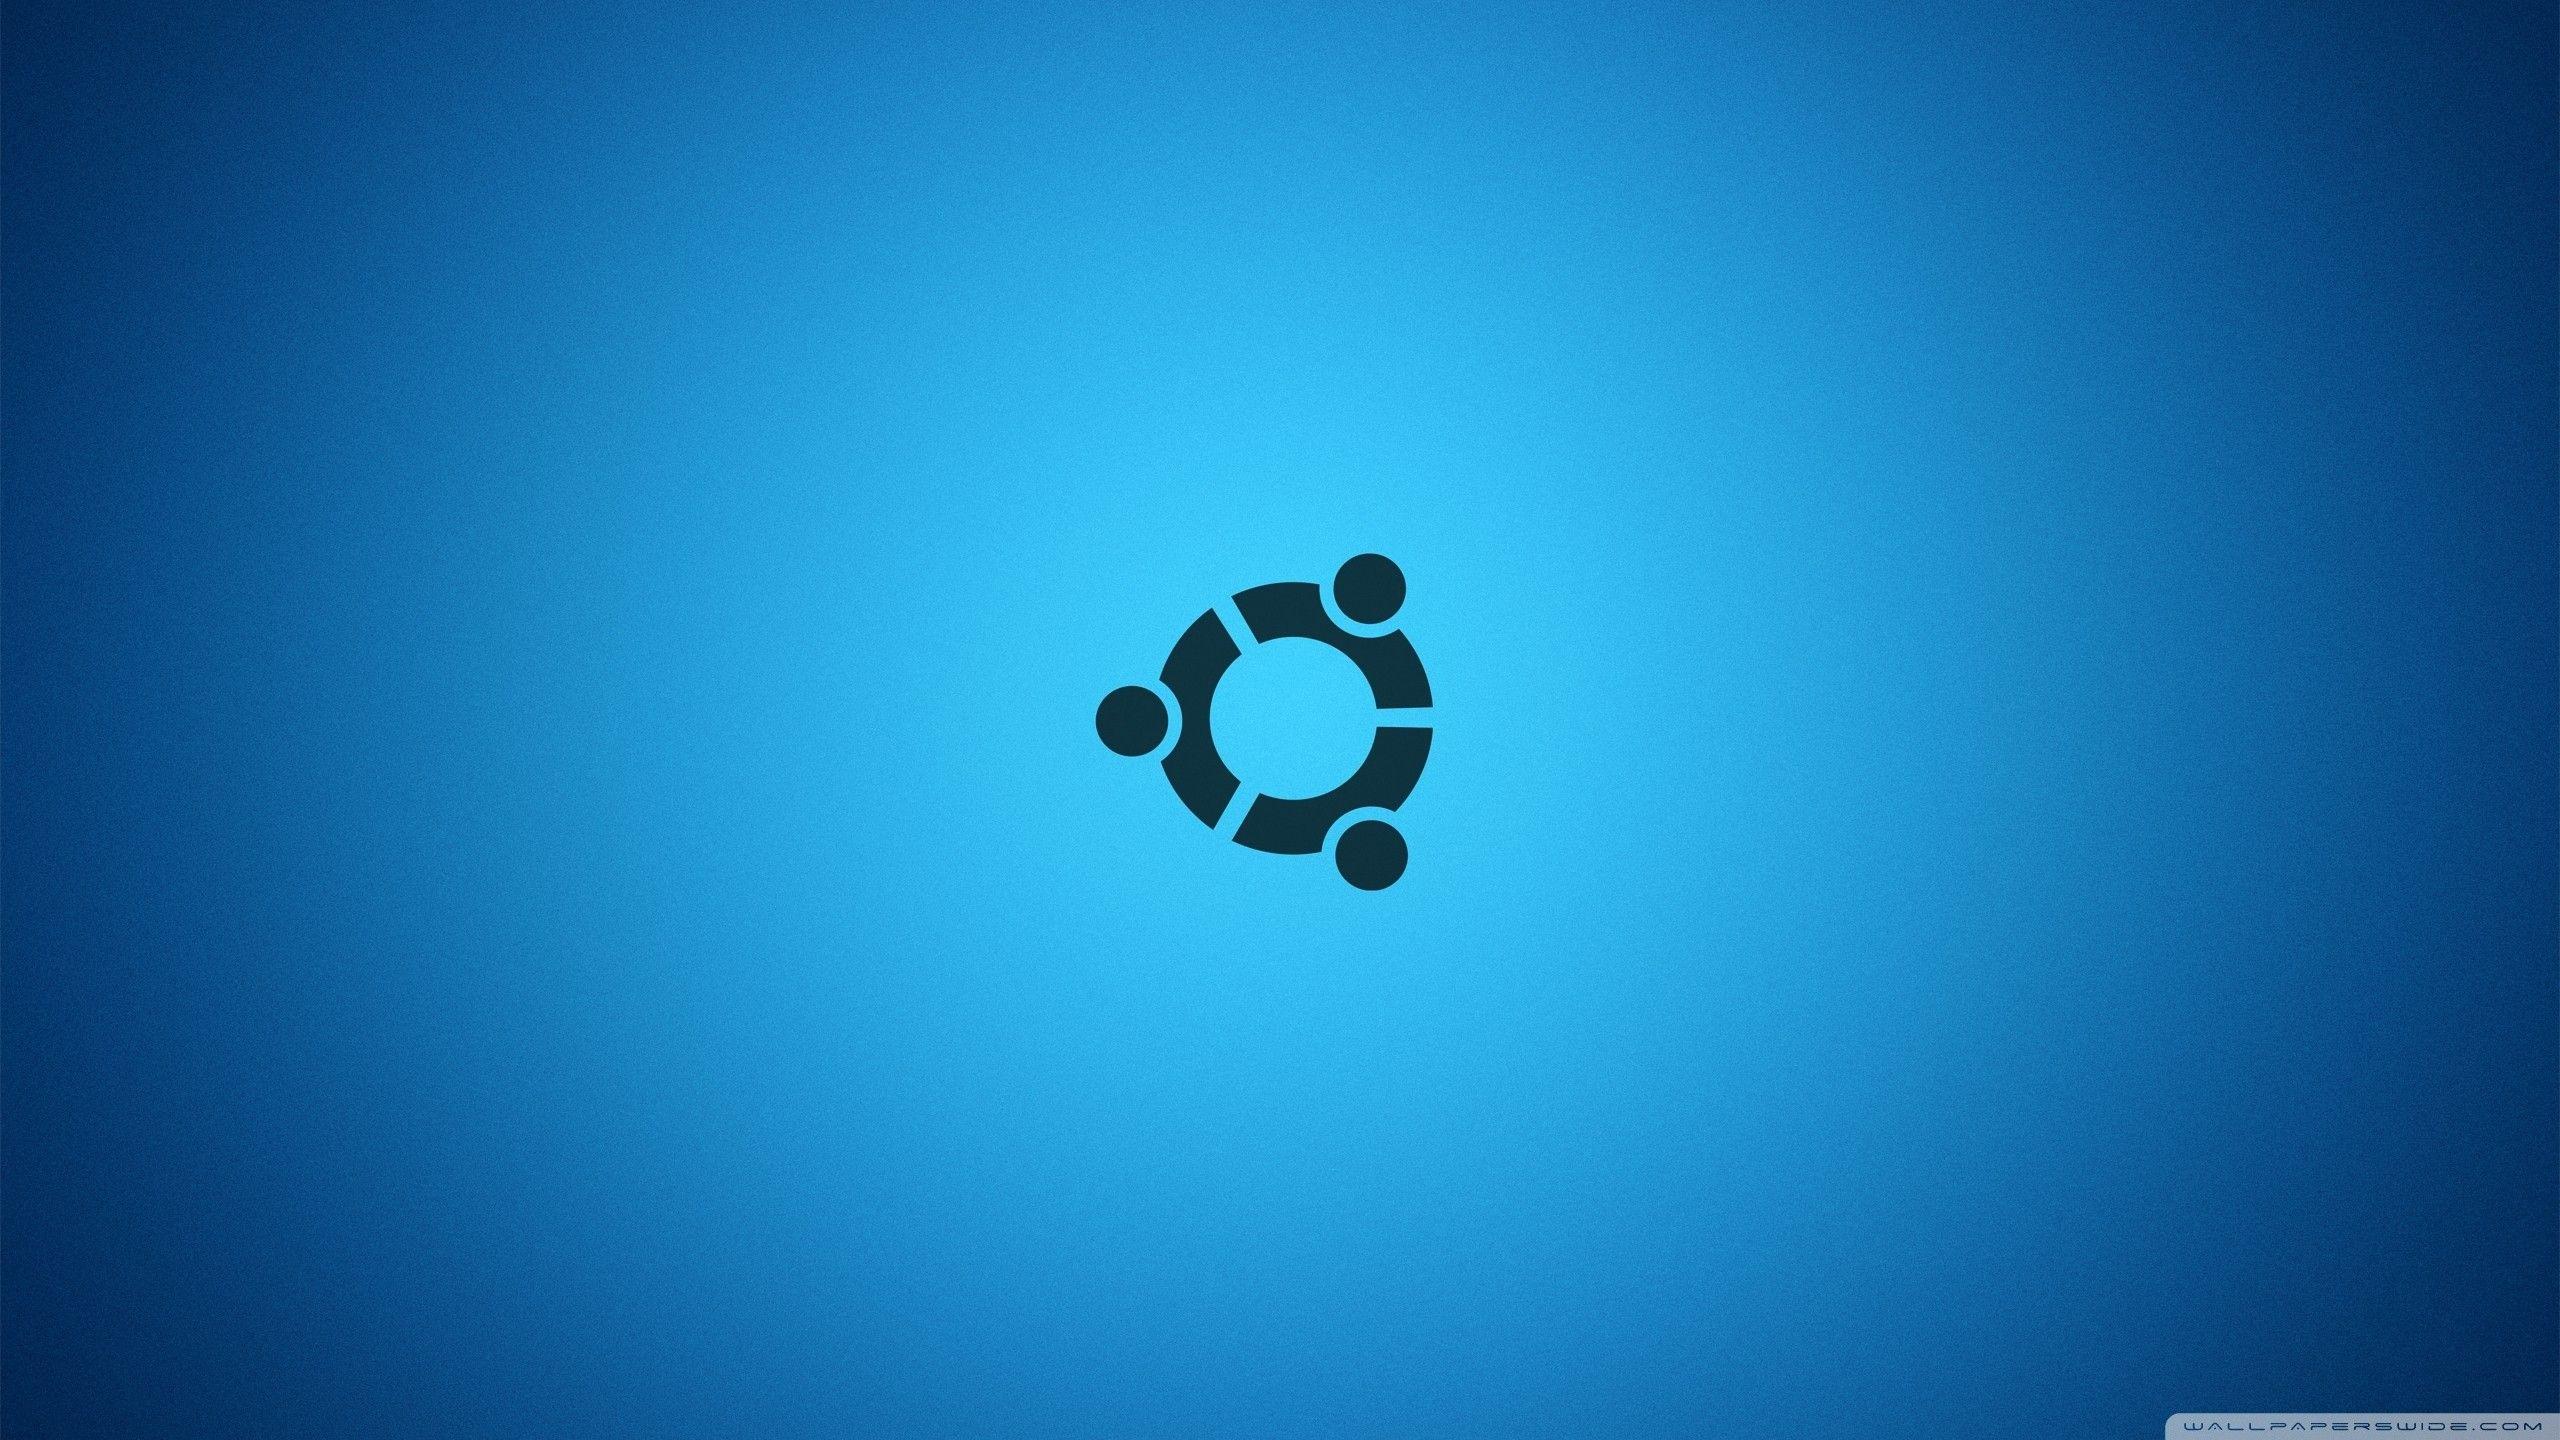 2560x1440 Ubuntu Desktop Blue Hd Wide Wallpaper For Widescreen Lenovo Wallpapers Blue Wallpapers Purple Wallpaper Hd